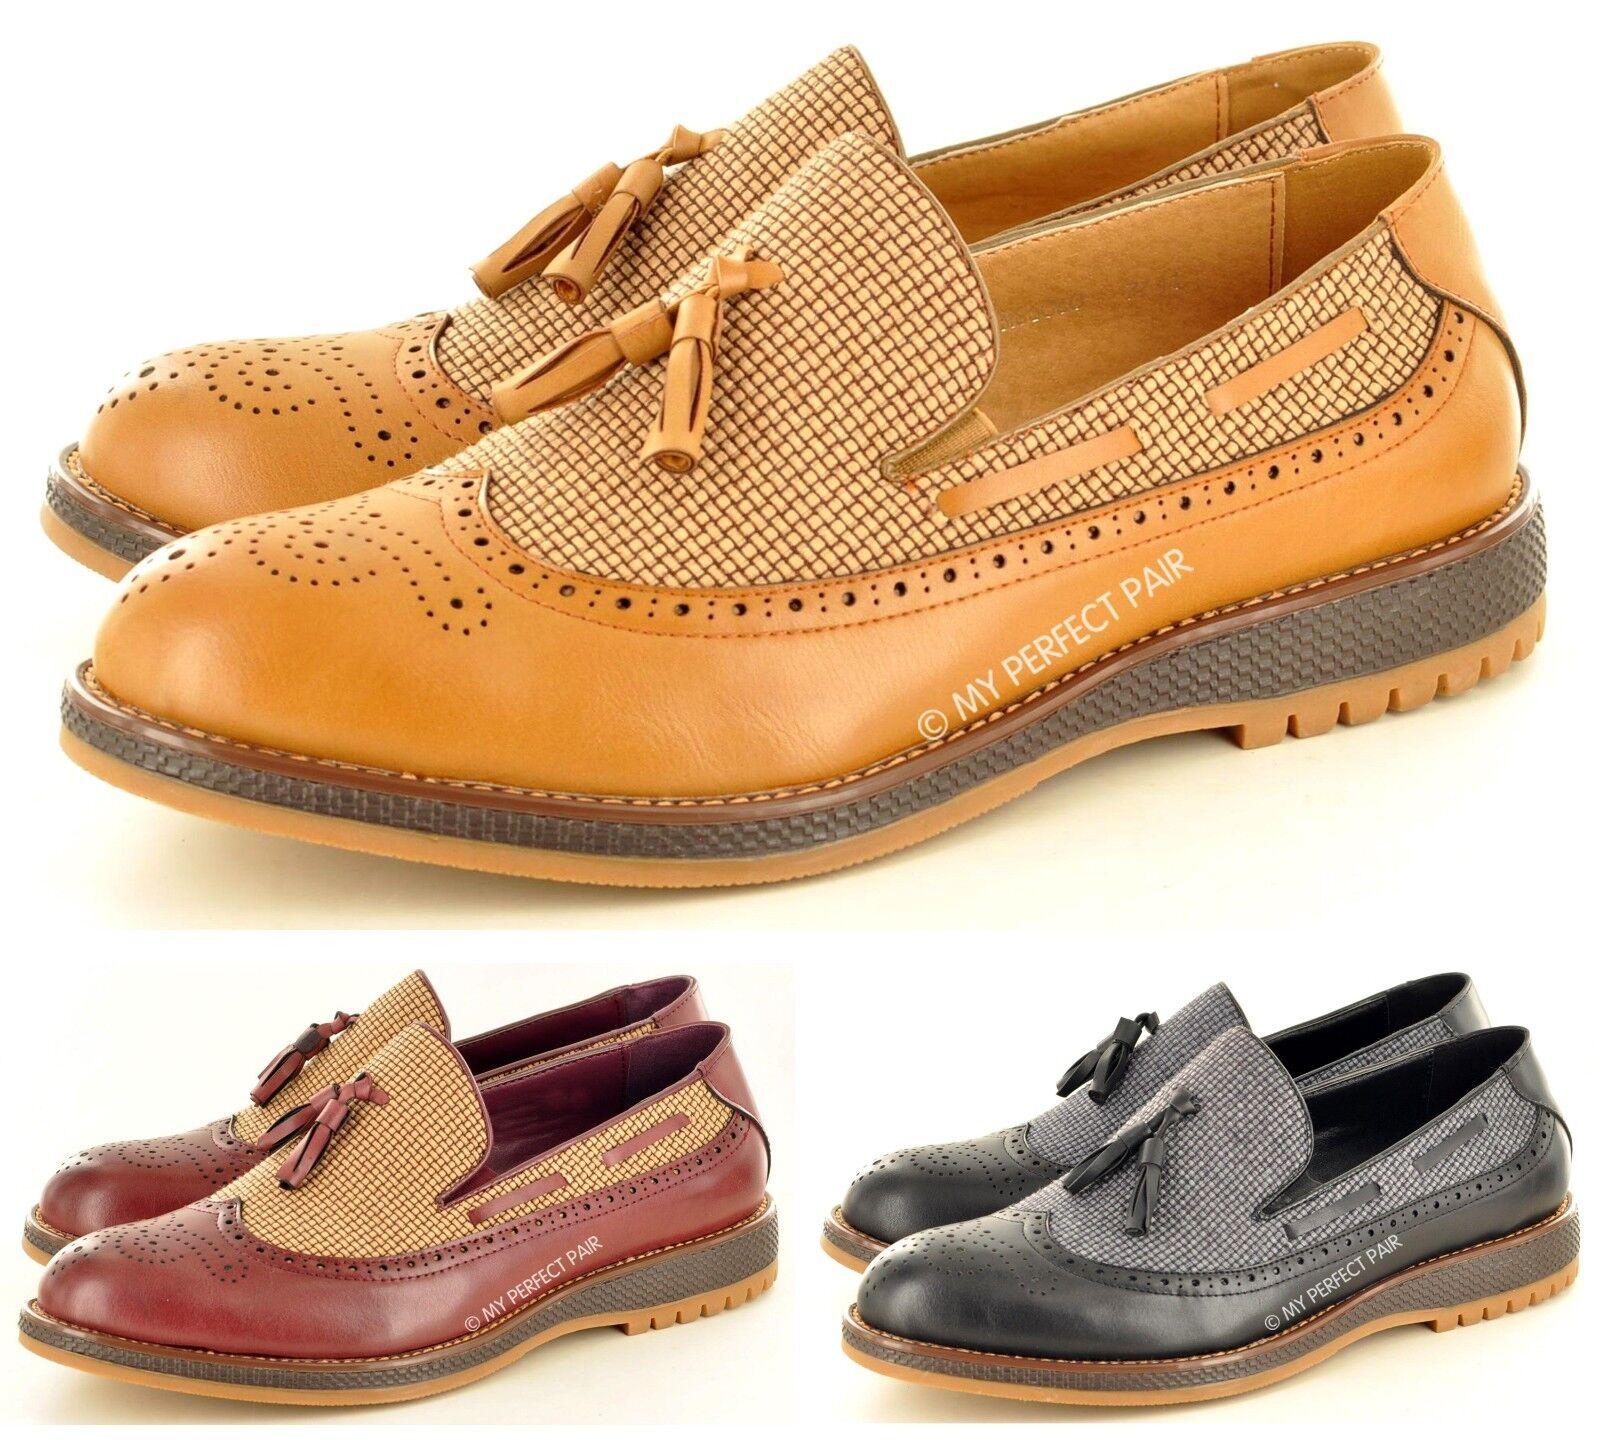 Nuevo Hombre Estilo Informal Vestido Zapatos Moderno Mocasines con Borlas Zapatos Vestido sin 1587dd